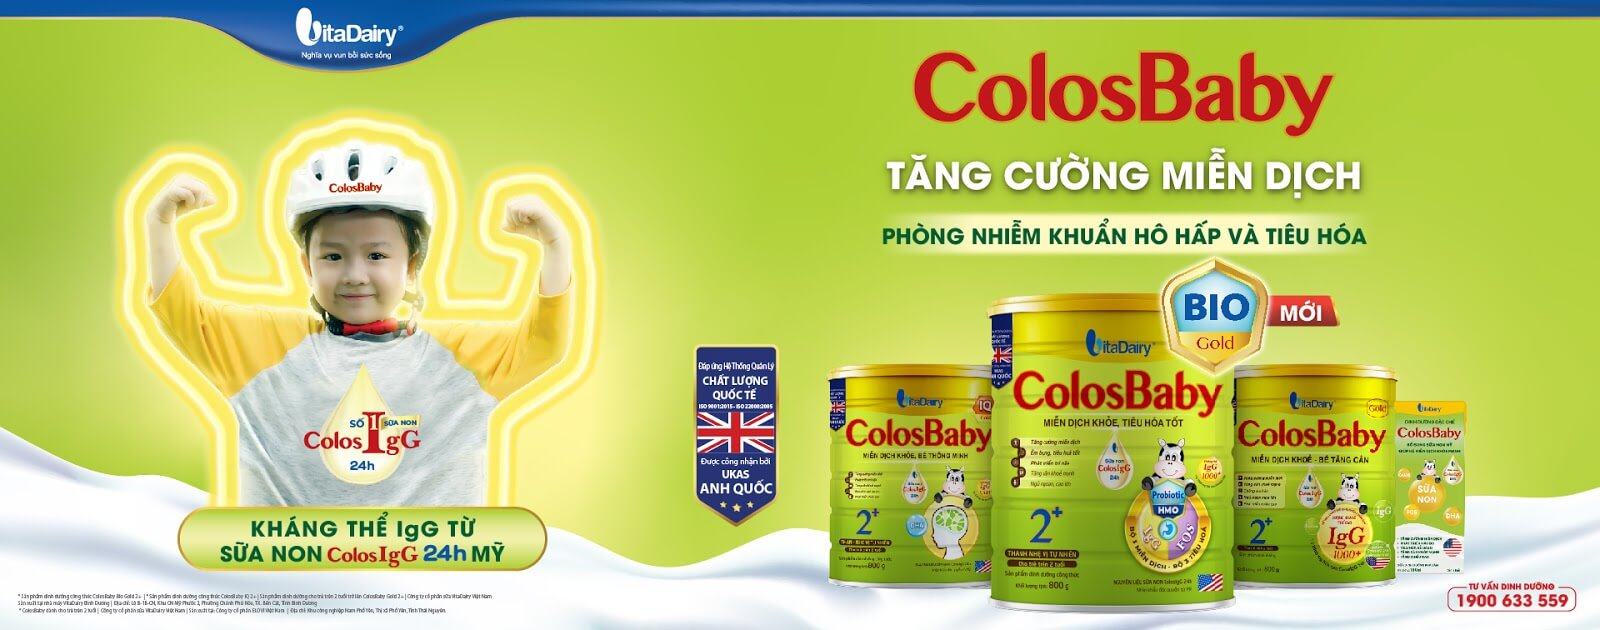 Gia Đình ColosBaby tăng cường hệ miễn dịch cho trẻ